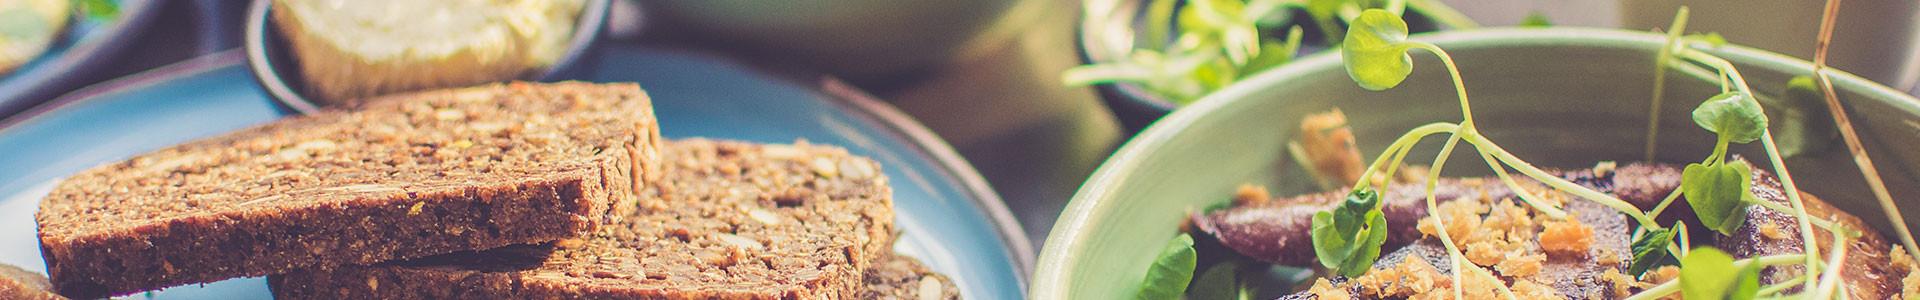 Menu des Livraison de repas en entreprises autour de Lille - La carte Instant Culinaire